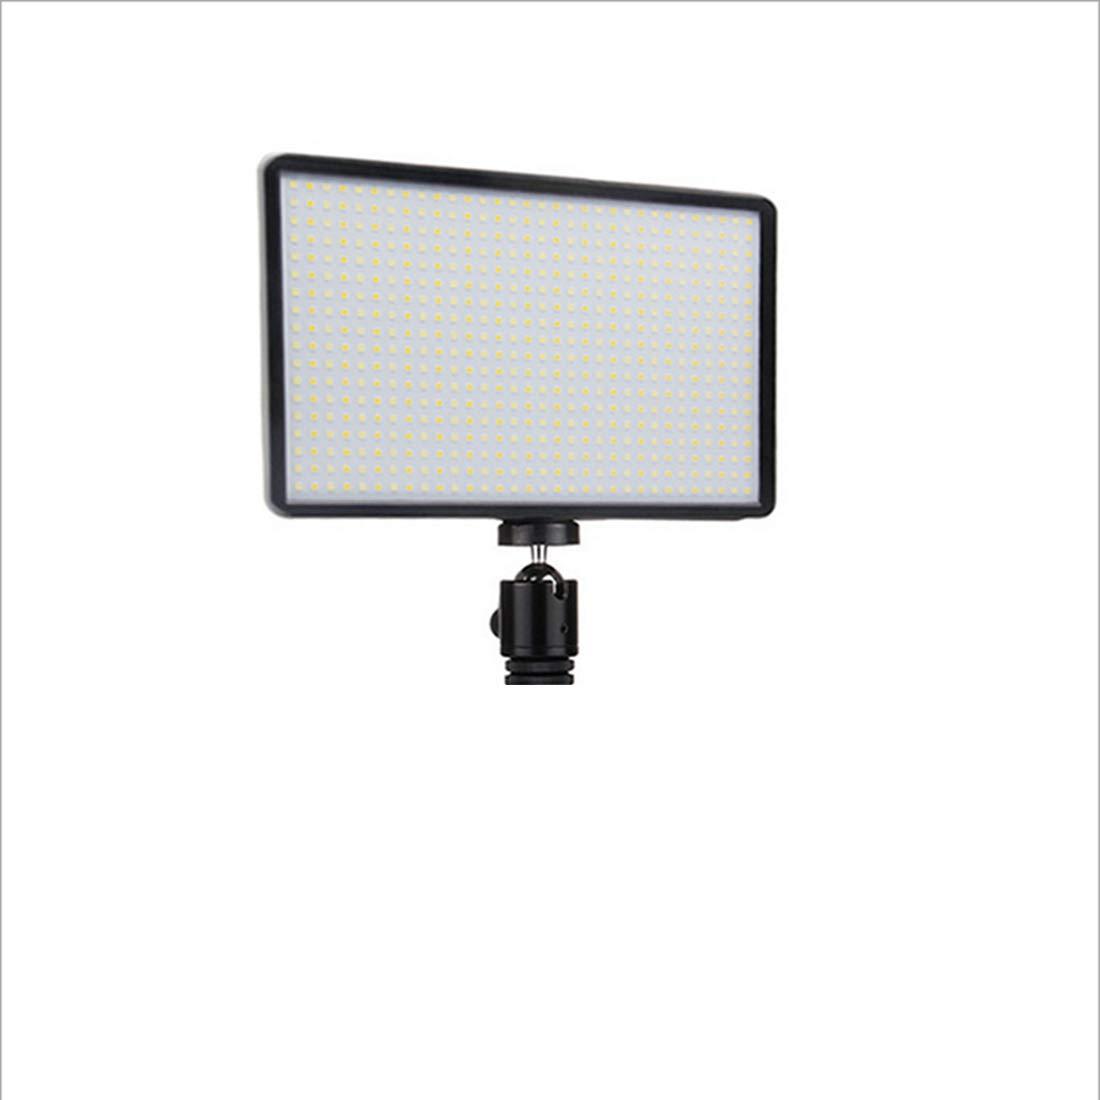 ノウ建材貿易 LEDの写真は常に光を満たしますフォトフィルライトカメラは光をライトLED600すべてのブランドのカメラユニバーサル (色 : 黒)  黒 B07R3Y5TJF